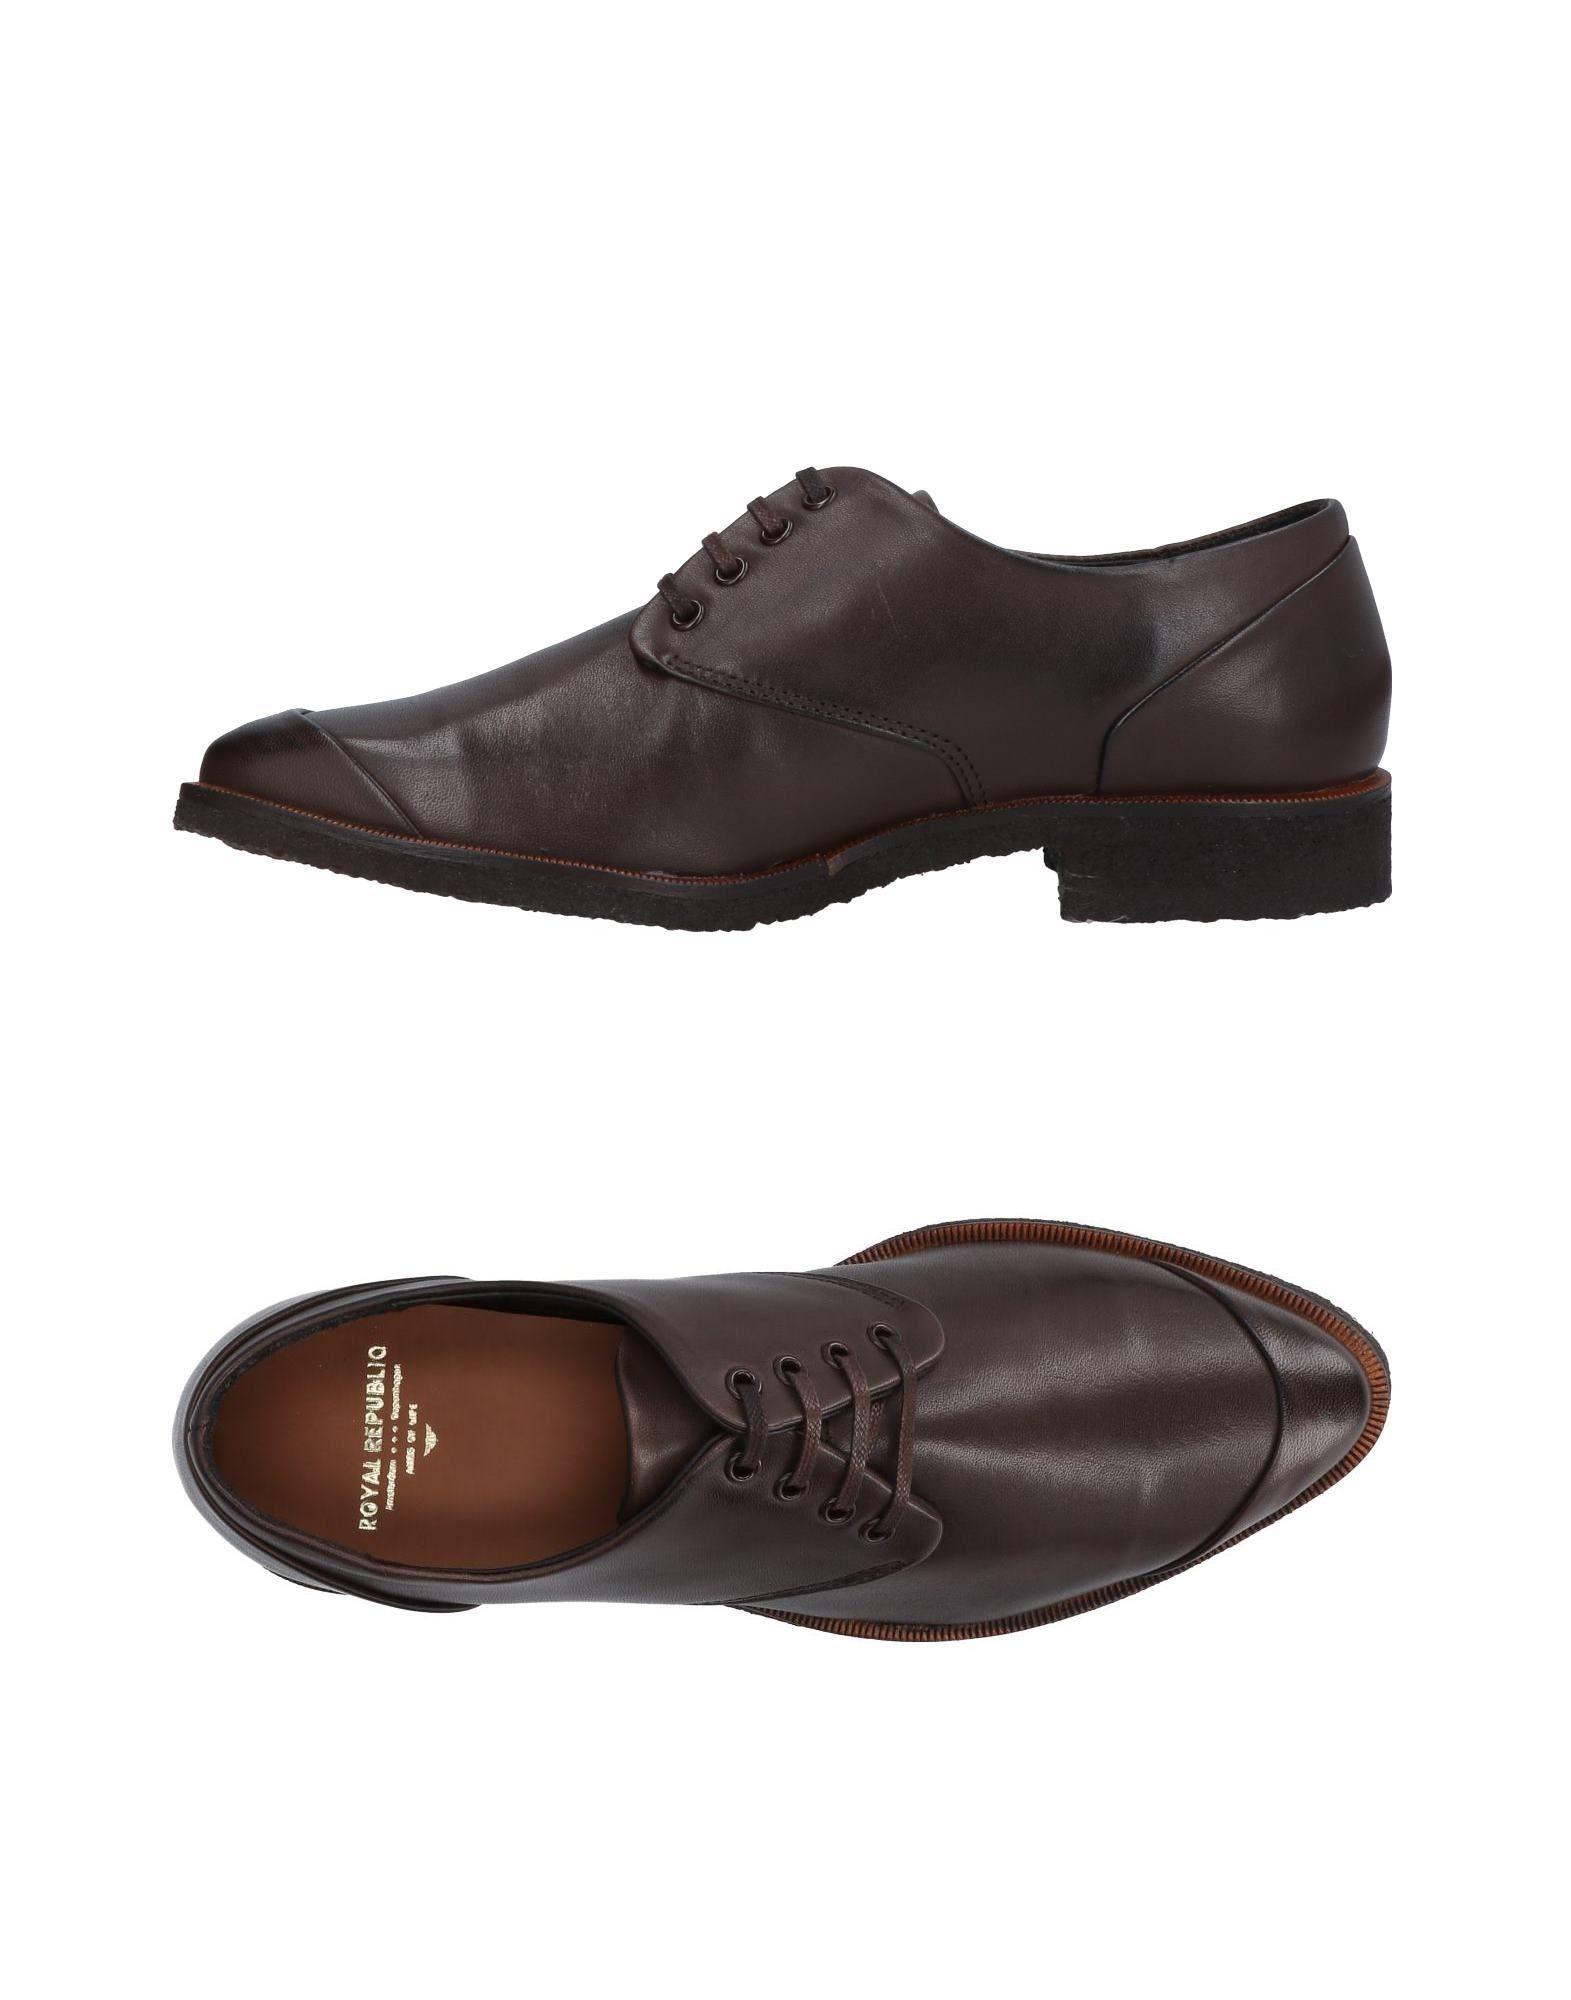 Moda barata y hermosa Zapato De Cordones Royal Republiq Mujer Republiq - Zapatos De Cordones Royal Republiq Mujer  Negro 3867ac